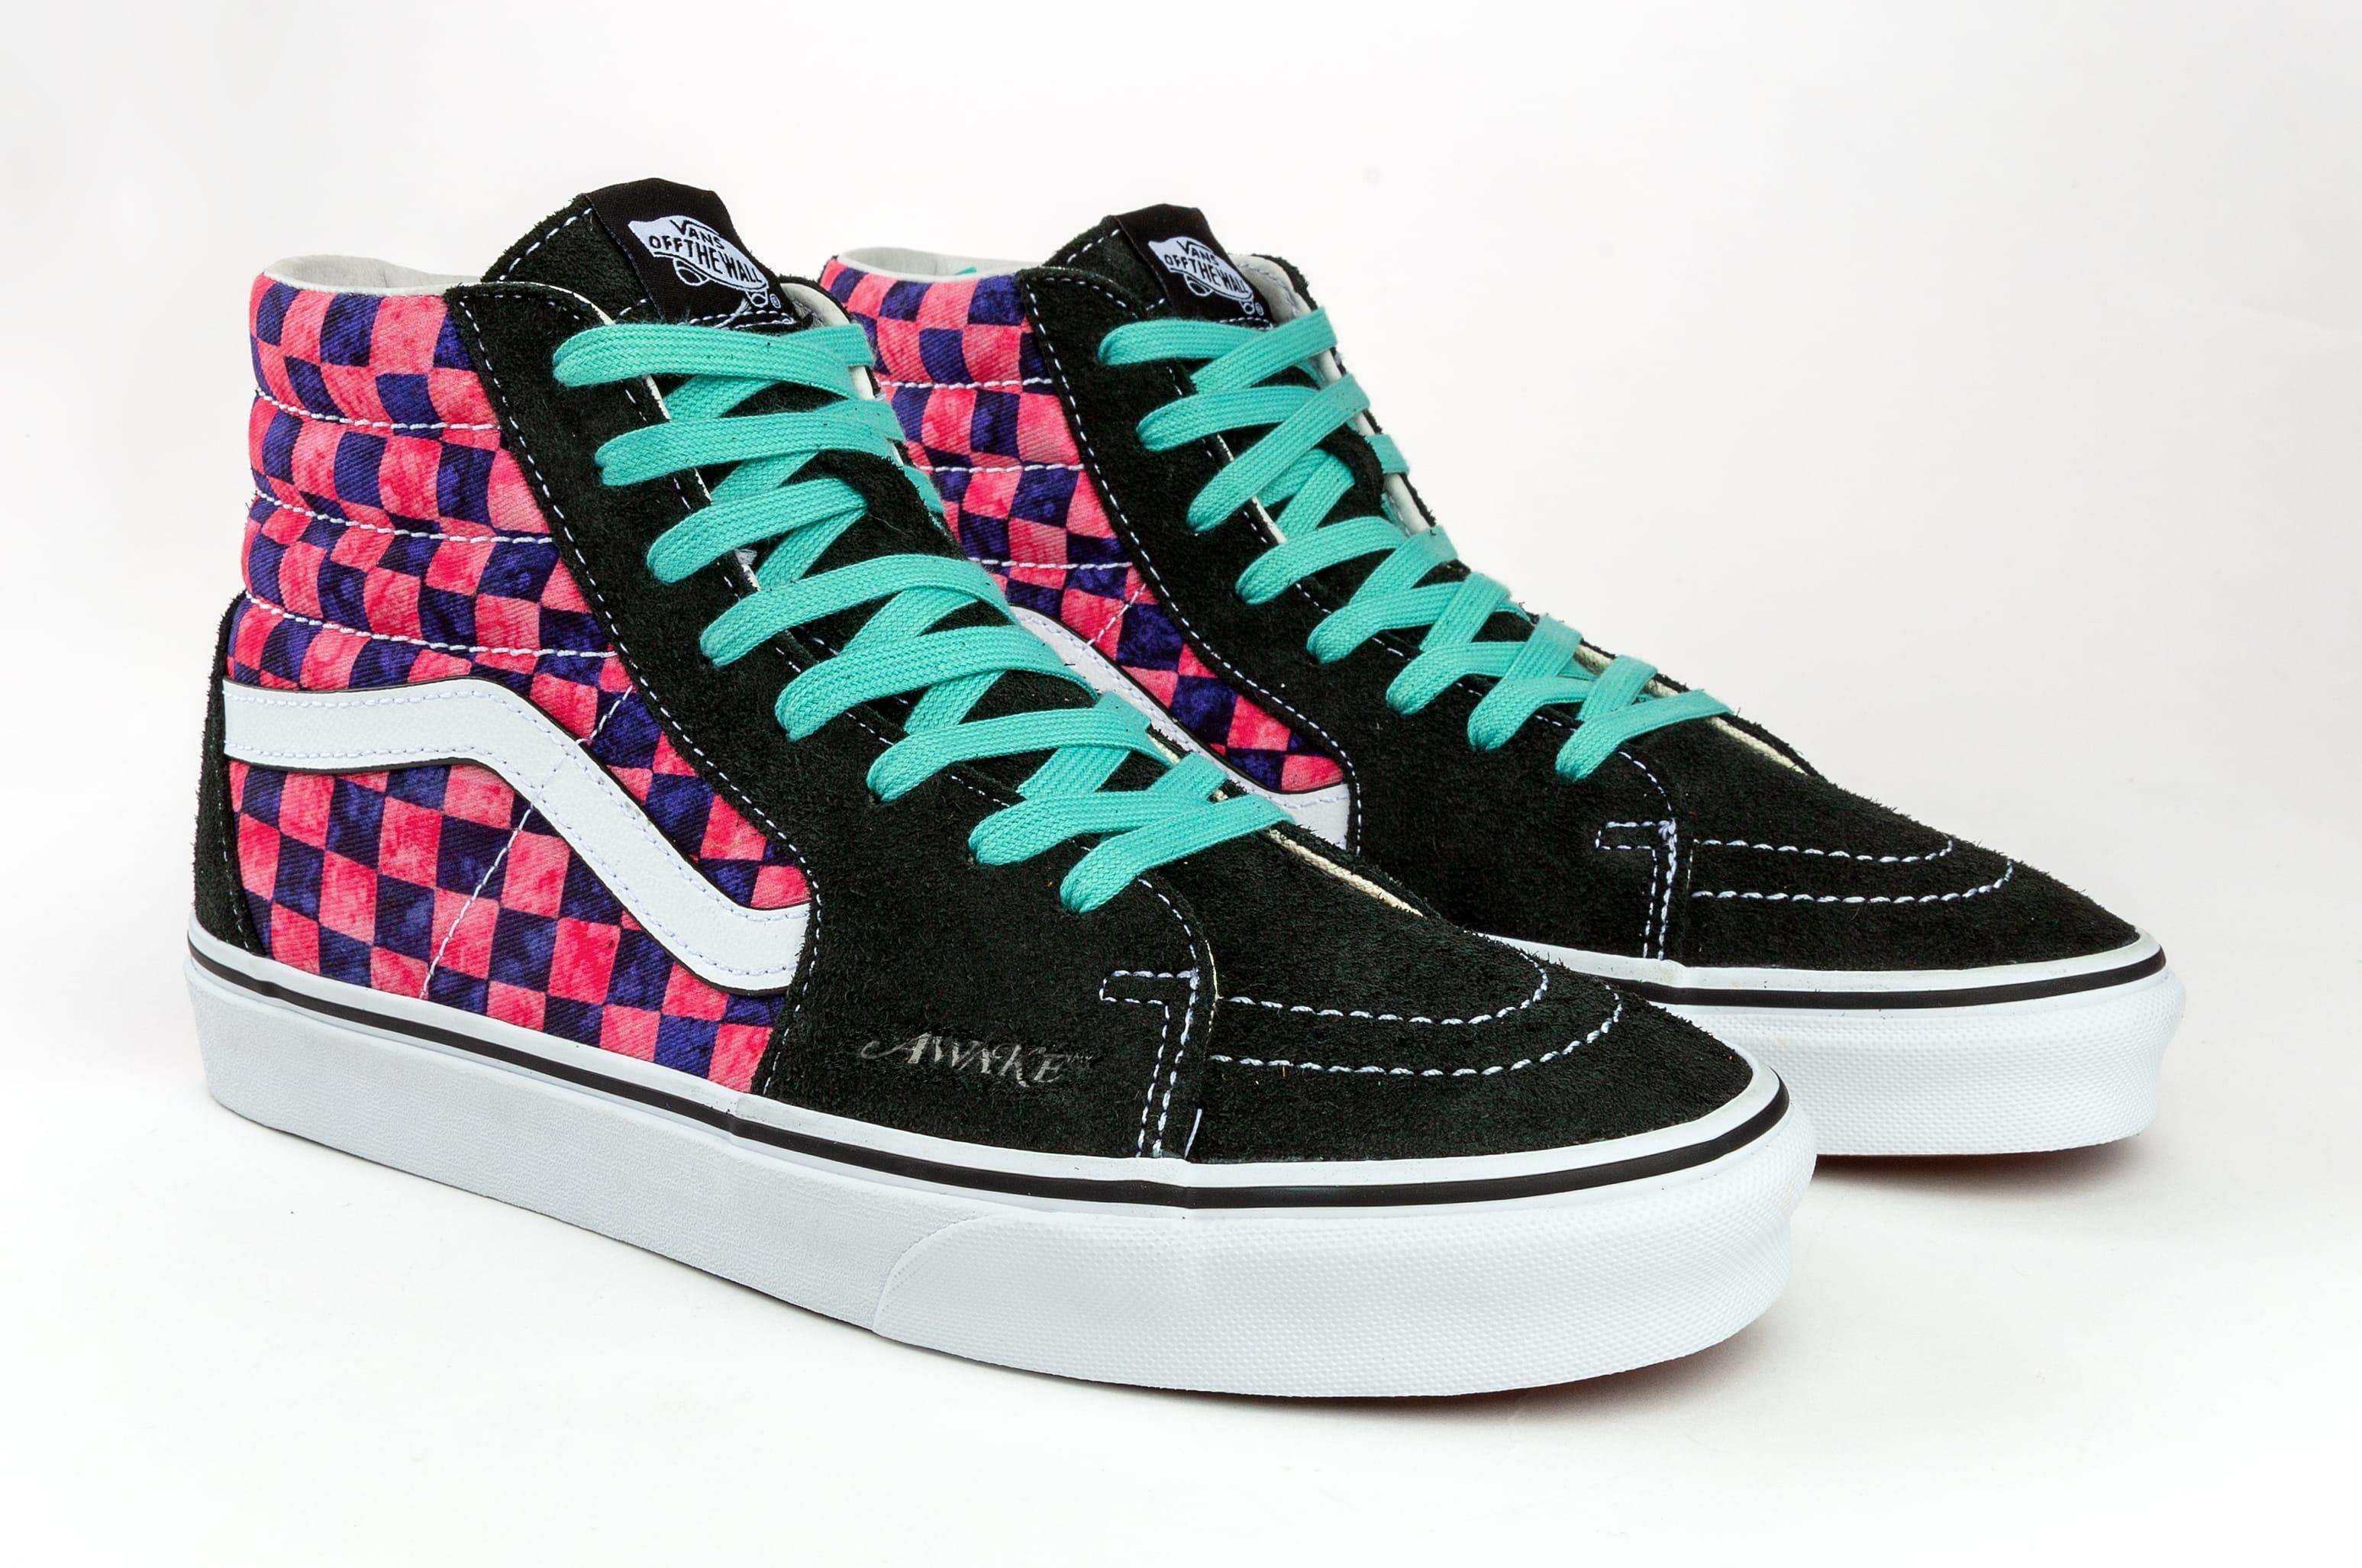 Awake NY x Vans Sk8-Hi Collab Pink